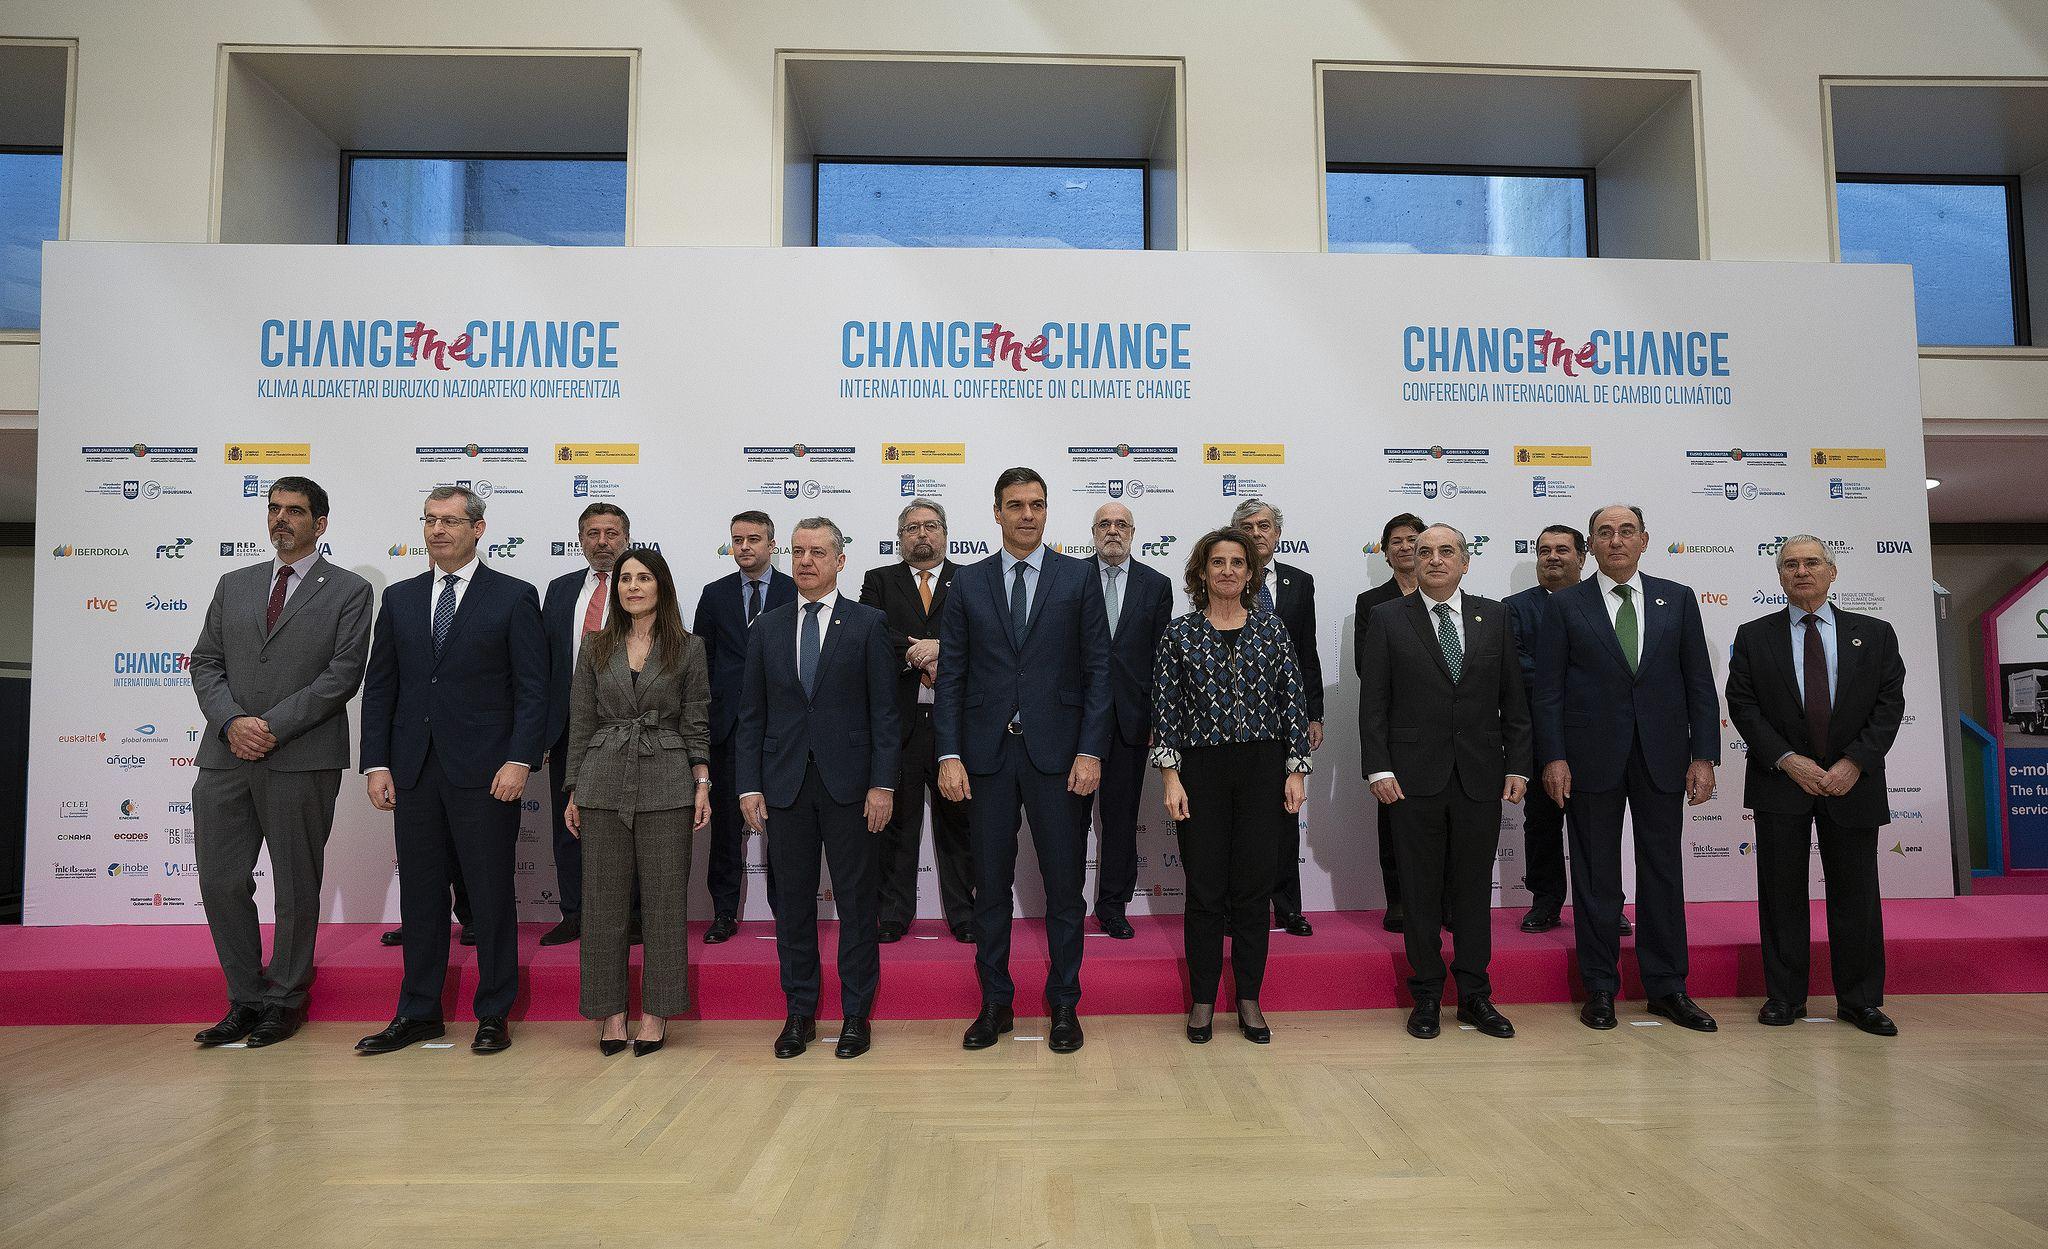 acuerdos internacionales sobre cambio climatico